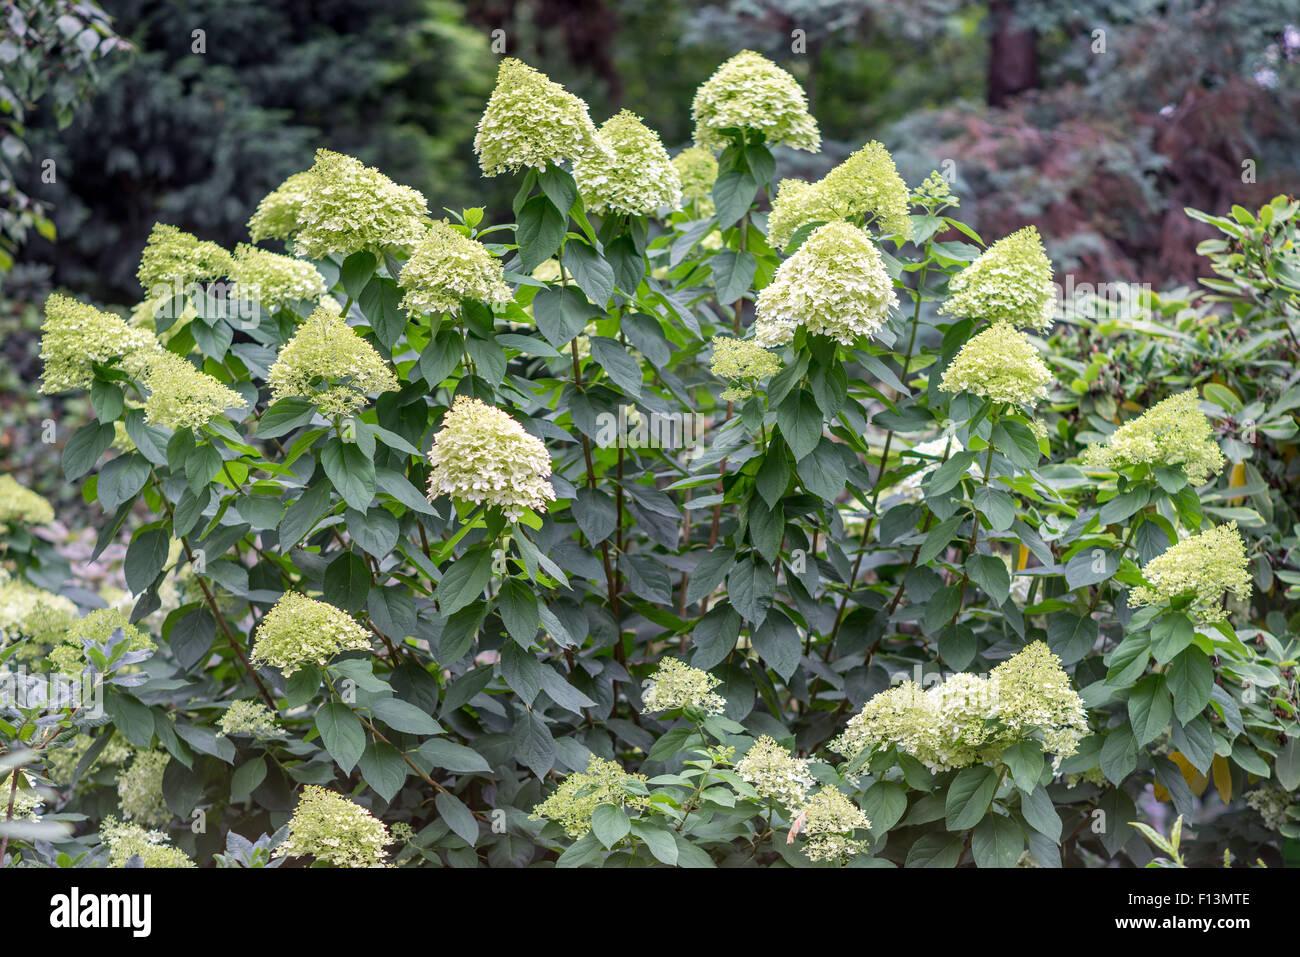 Grünlich weißen Hortensie Blüte Strauch in voller Blüte Stockbild